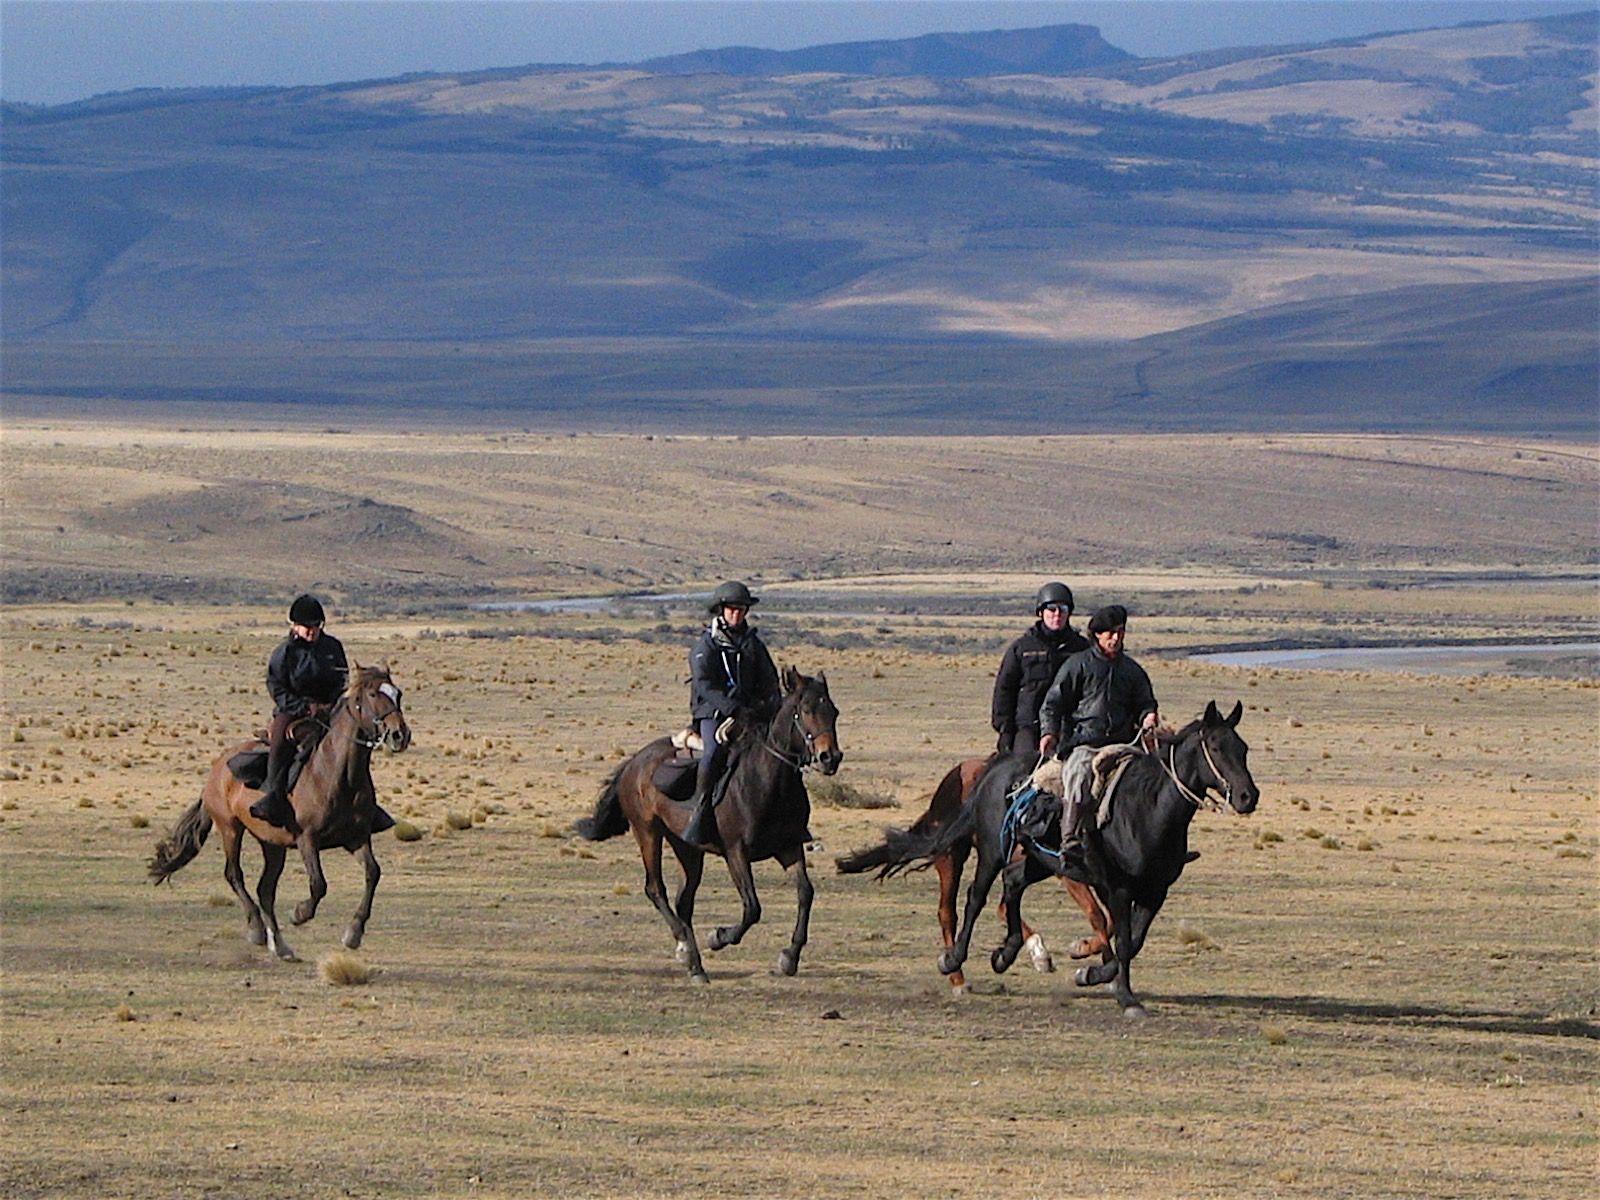 4 men on horses at the Estancia near NOI Indigo Patagonia